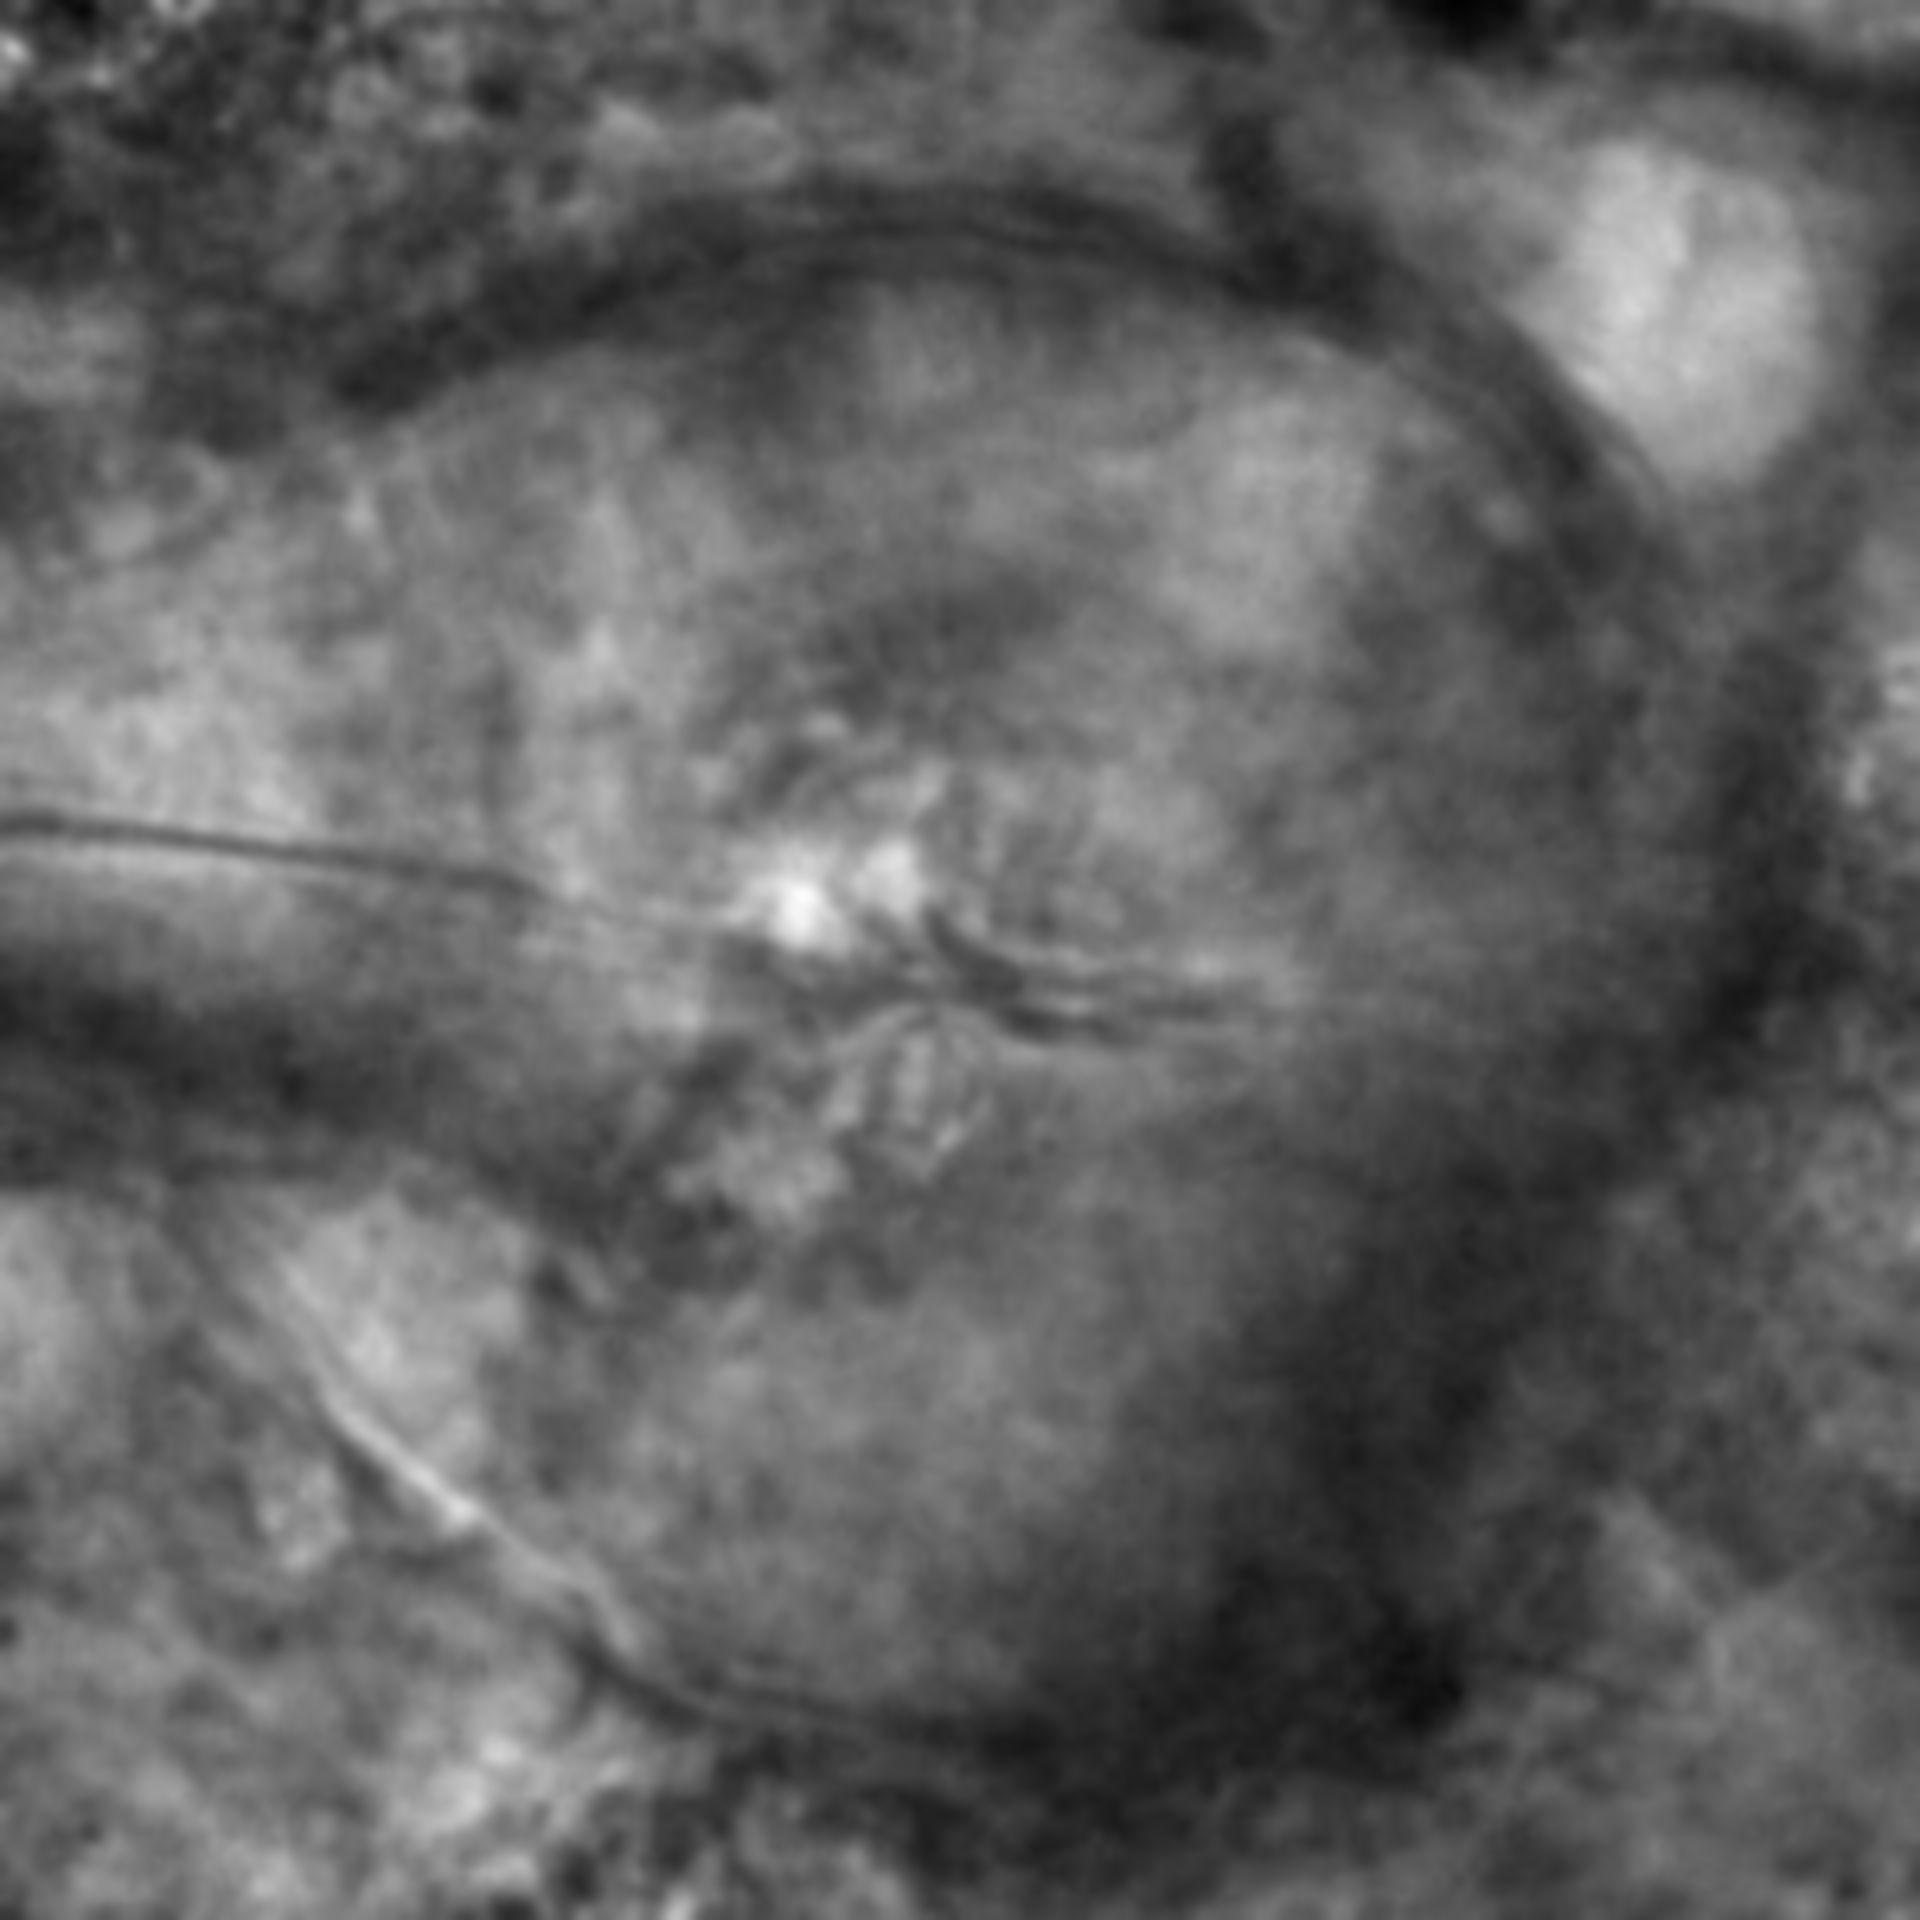 Caenorhabditis elegans - CIL:2279